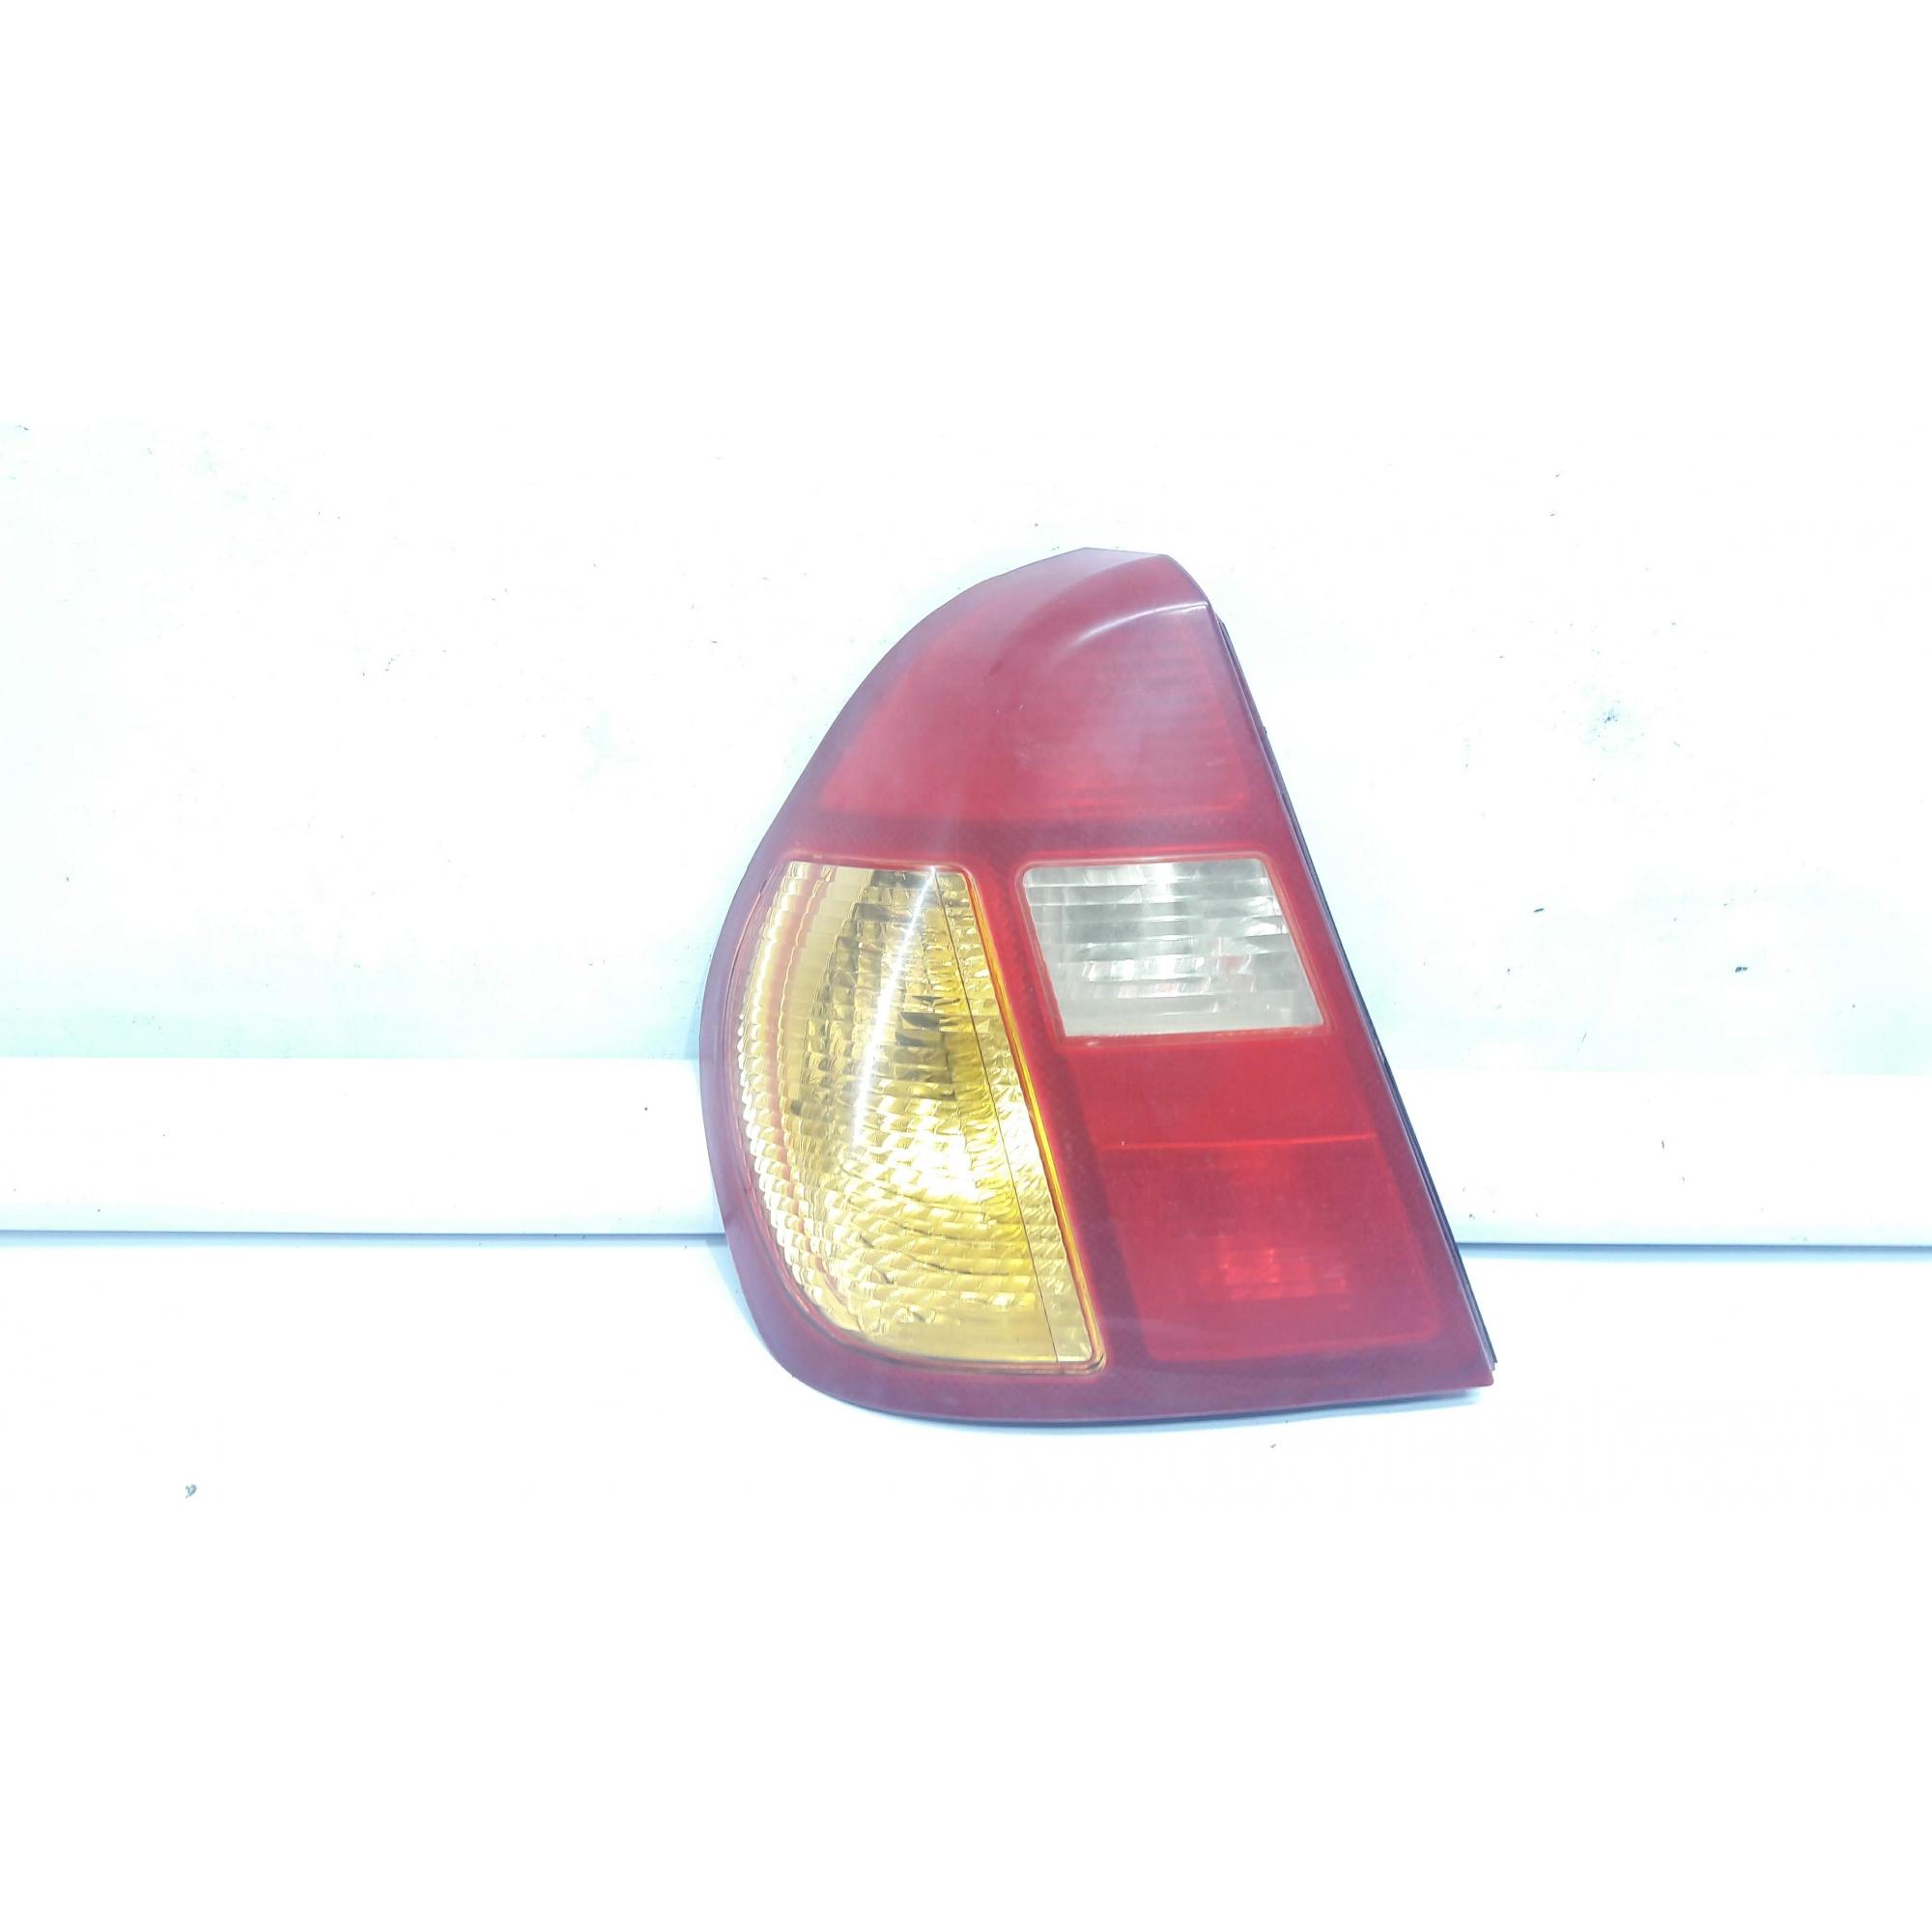 Lanterna traseira esquerda Clio sedan 2000 2001 2002 2003 2004 segunda linha